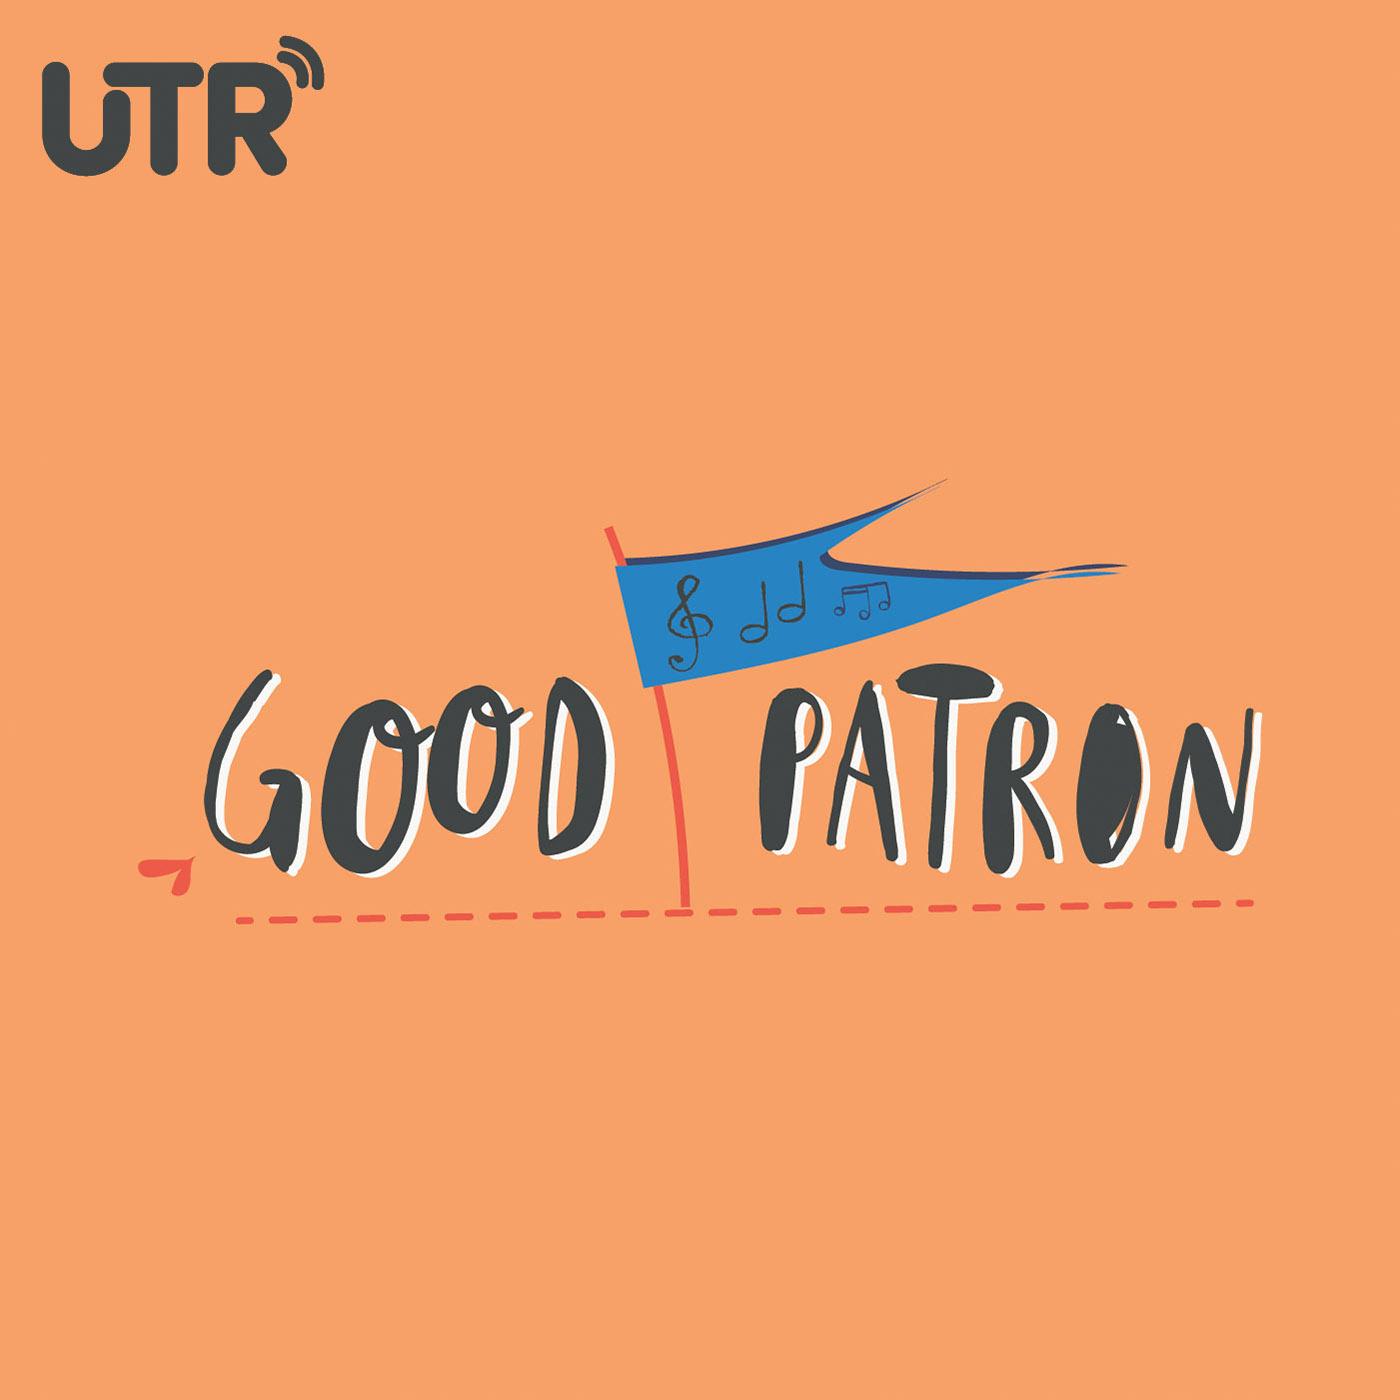 Good Patron - UTR Media